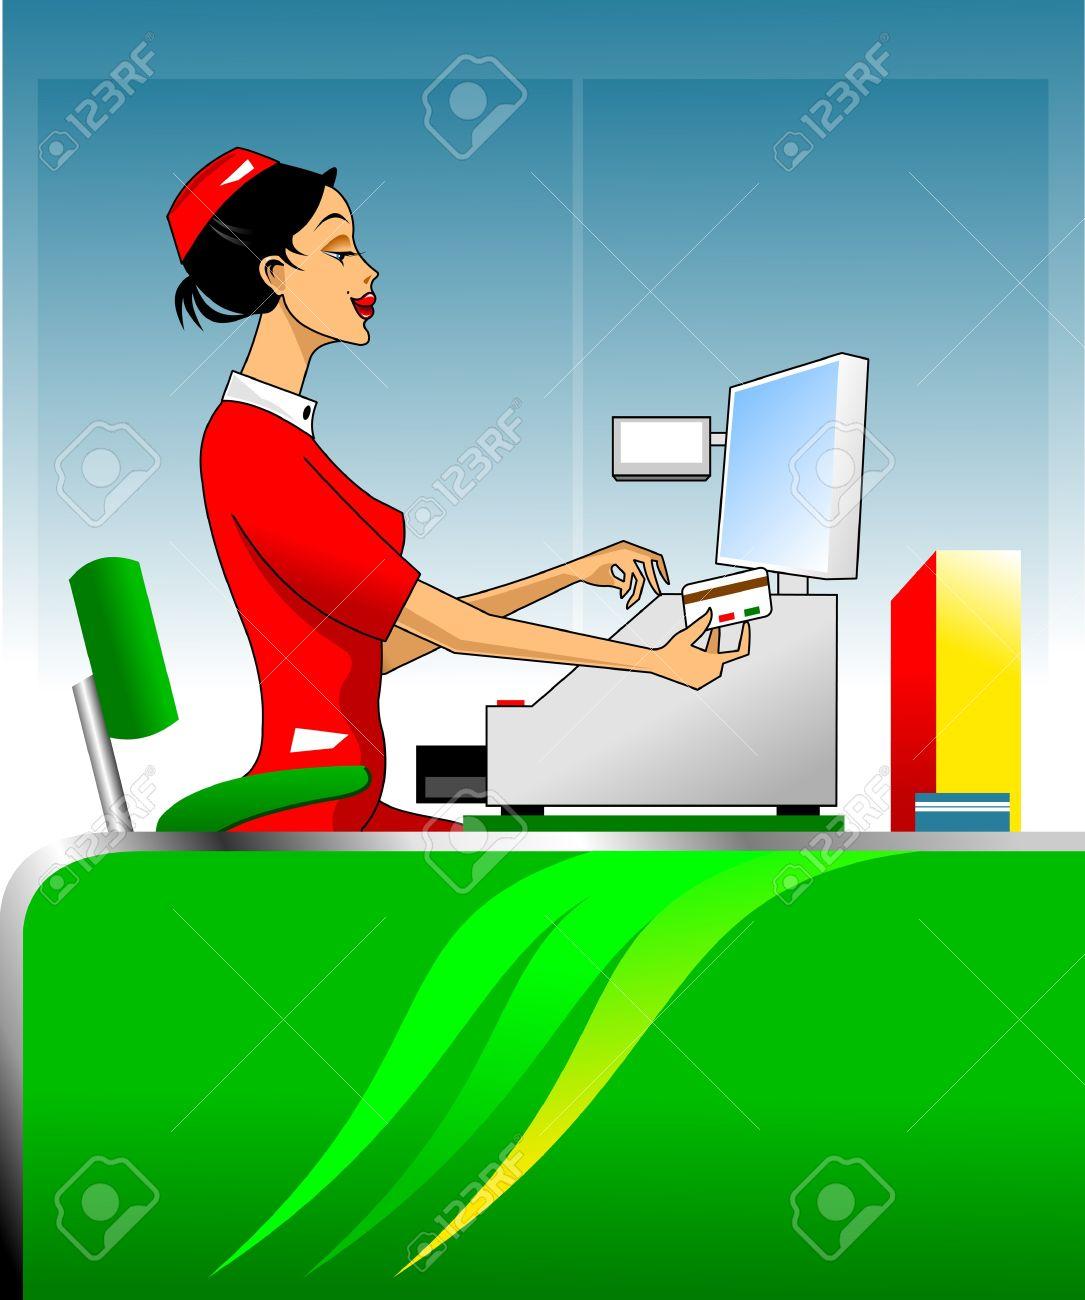 conducta femenina cajero con tarjeta de crédito a través de una caja registradora Foto de archivo - 17686421